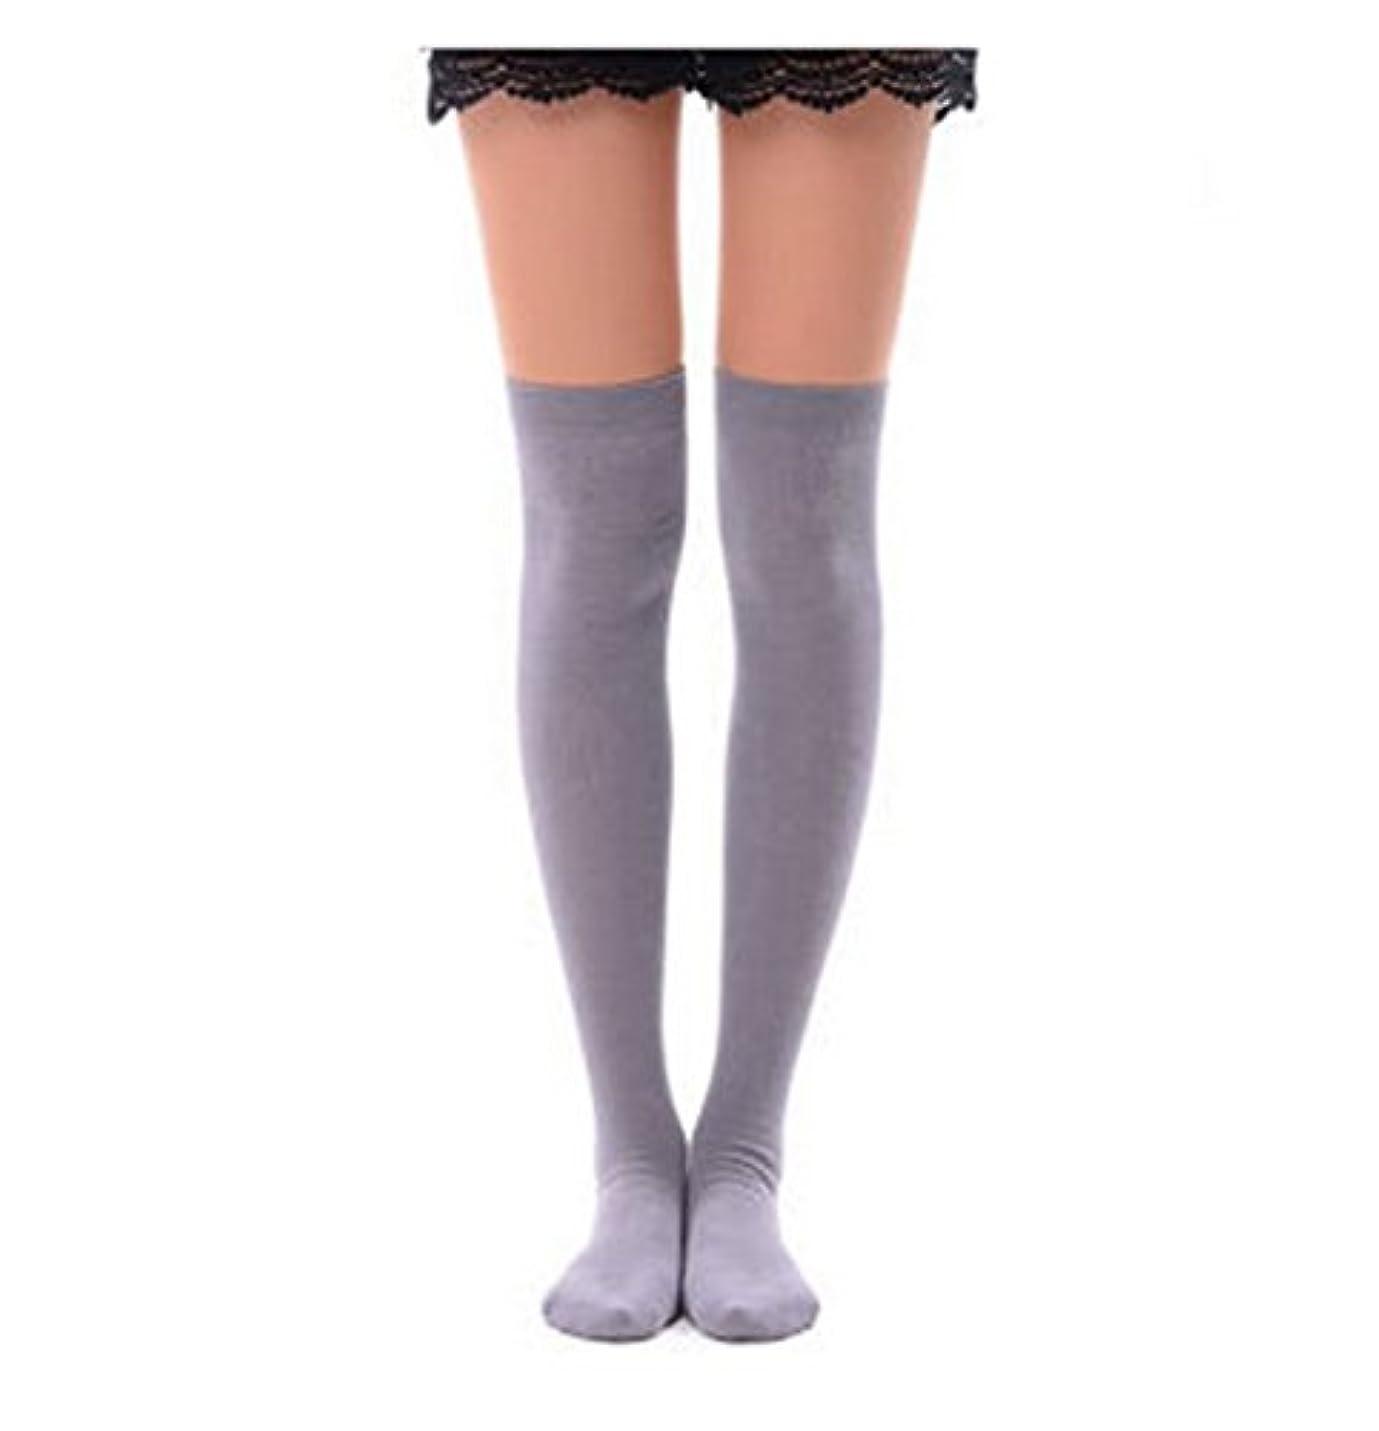 険しい論文不条理Manu20 トップ弾力性 女子高生の靴下 サイハイソックス スッキリ 美脚 着圧オーバーニーソックス